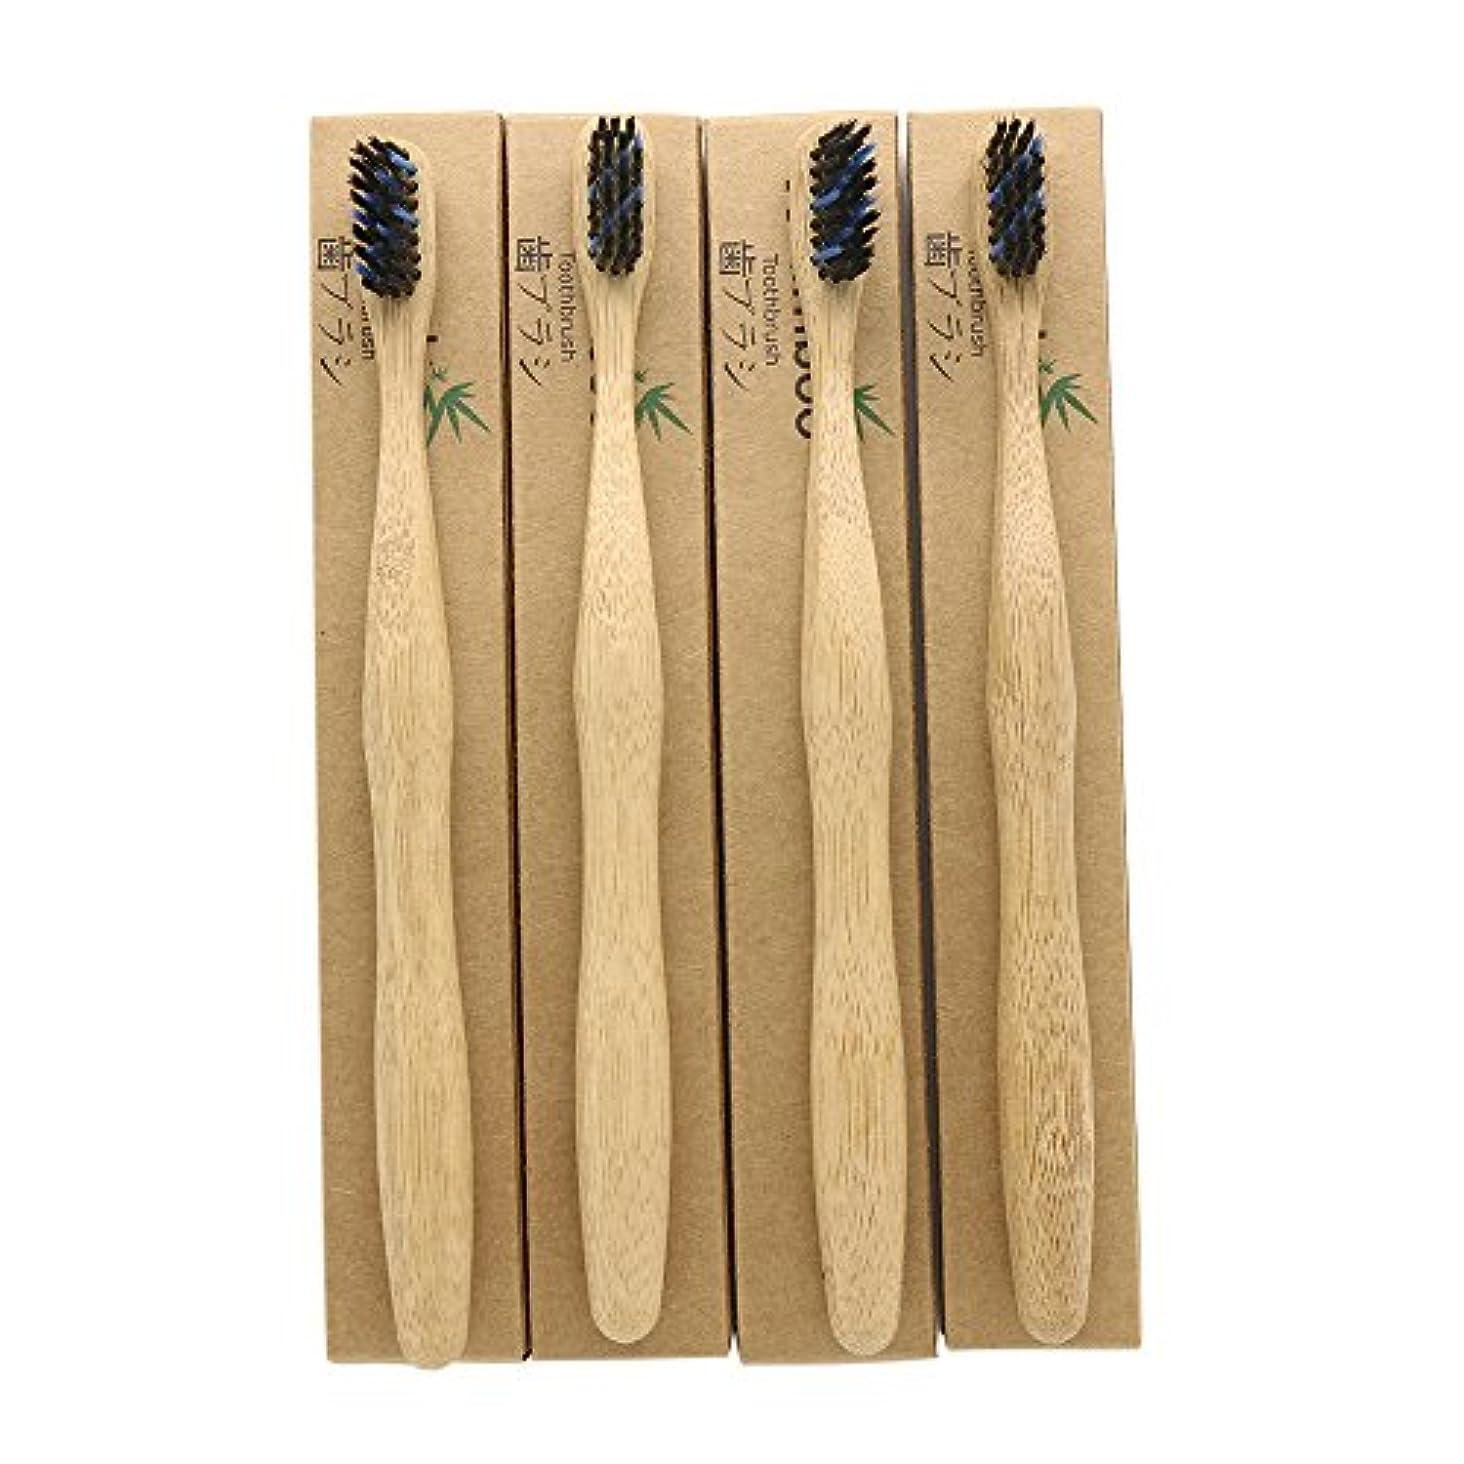 食事を調理する押すフェッチN-amboo 竹製耐久度高い 歯ブラシ 黒いと青い 4本入り セット